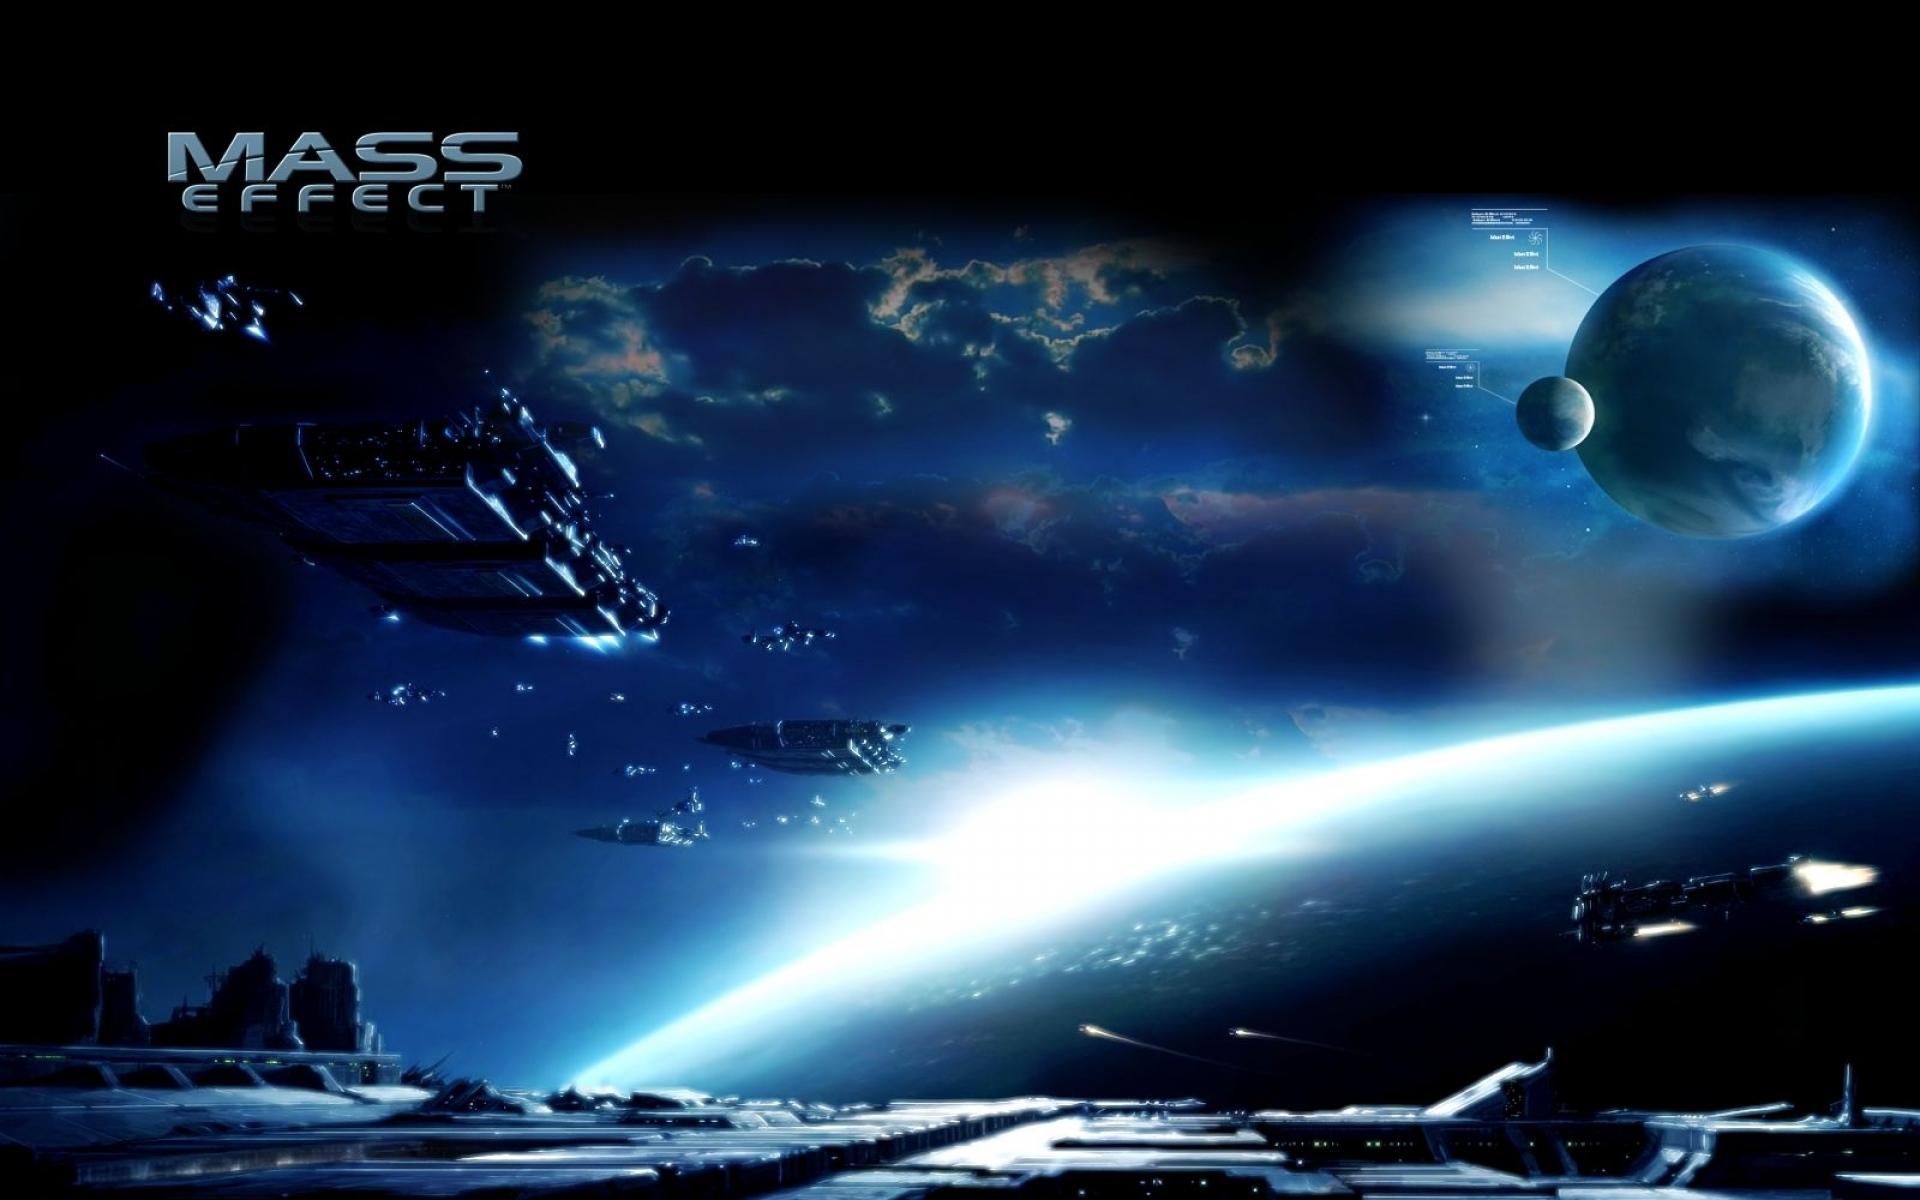 Картинки Массовый эффект 3, космос, планеты, корабли, свет фото и обои на рабочий стол